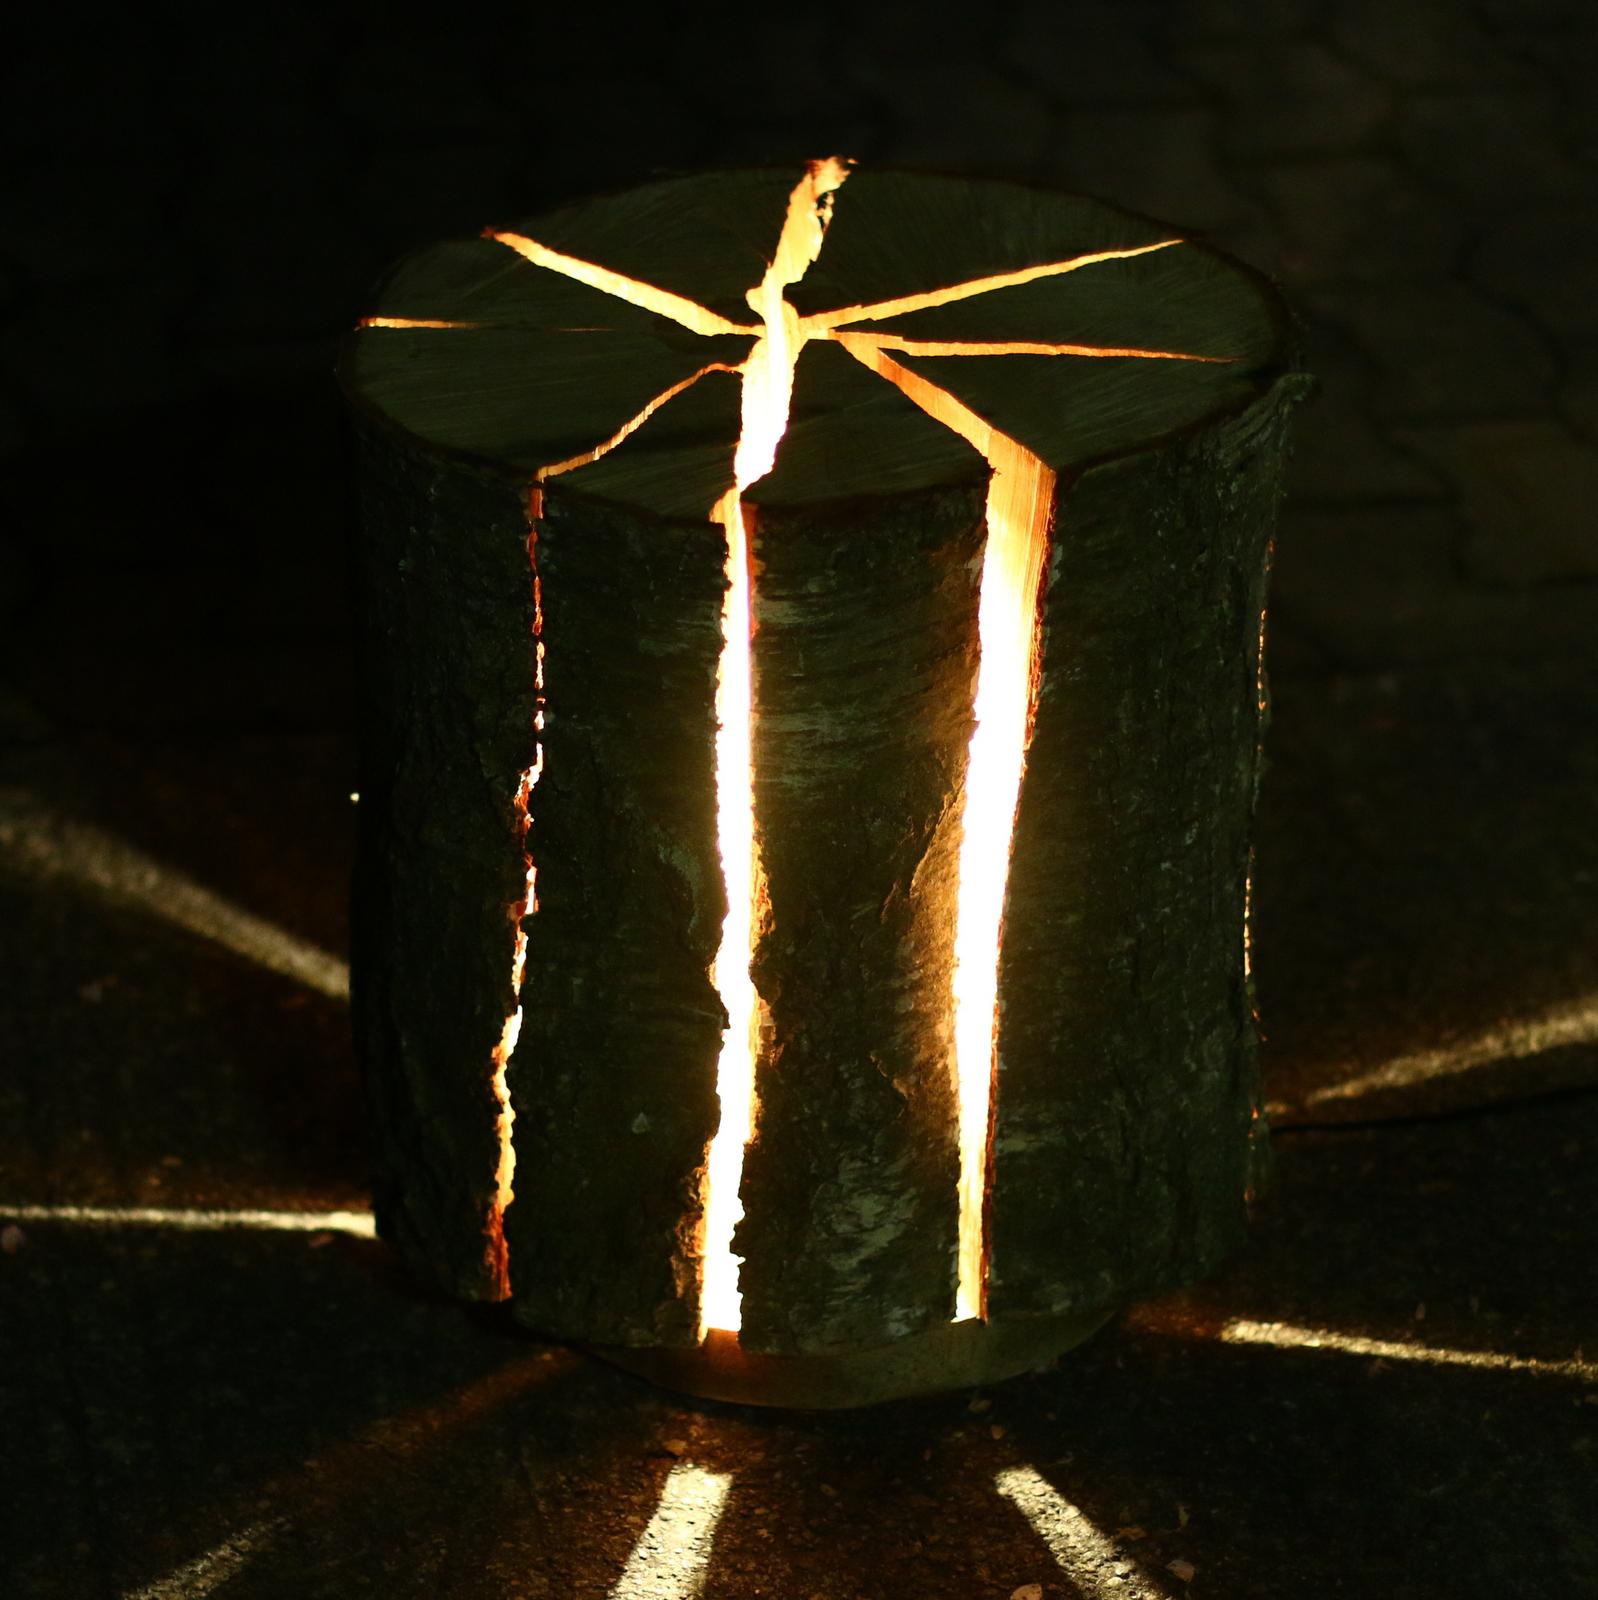 Full Size of Stehlampe Aus Einem Birken Holzstamm Bauen Arbortech Shop Fenster Einbauen Lampe Badezimmer Decke Wohnzimmer Schlafzimmer Deckenlampe Holzhaus Garten Lampen Wohnzimmer Lampe Selber Bauen Holz